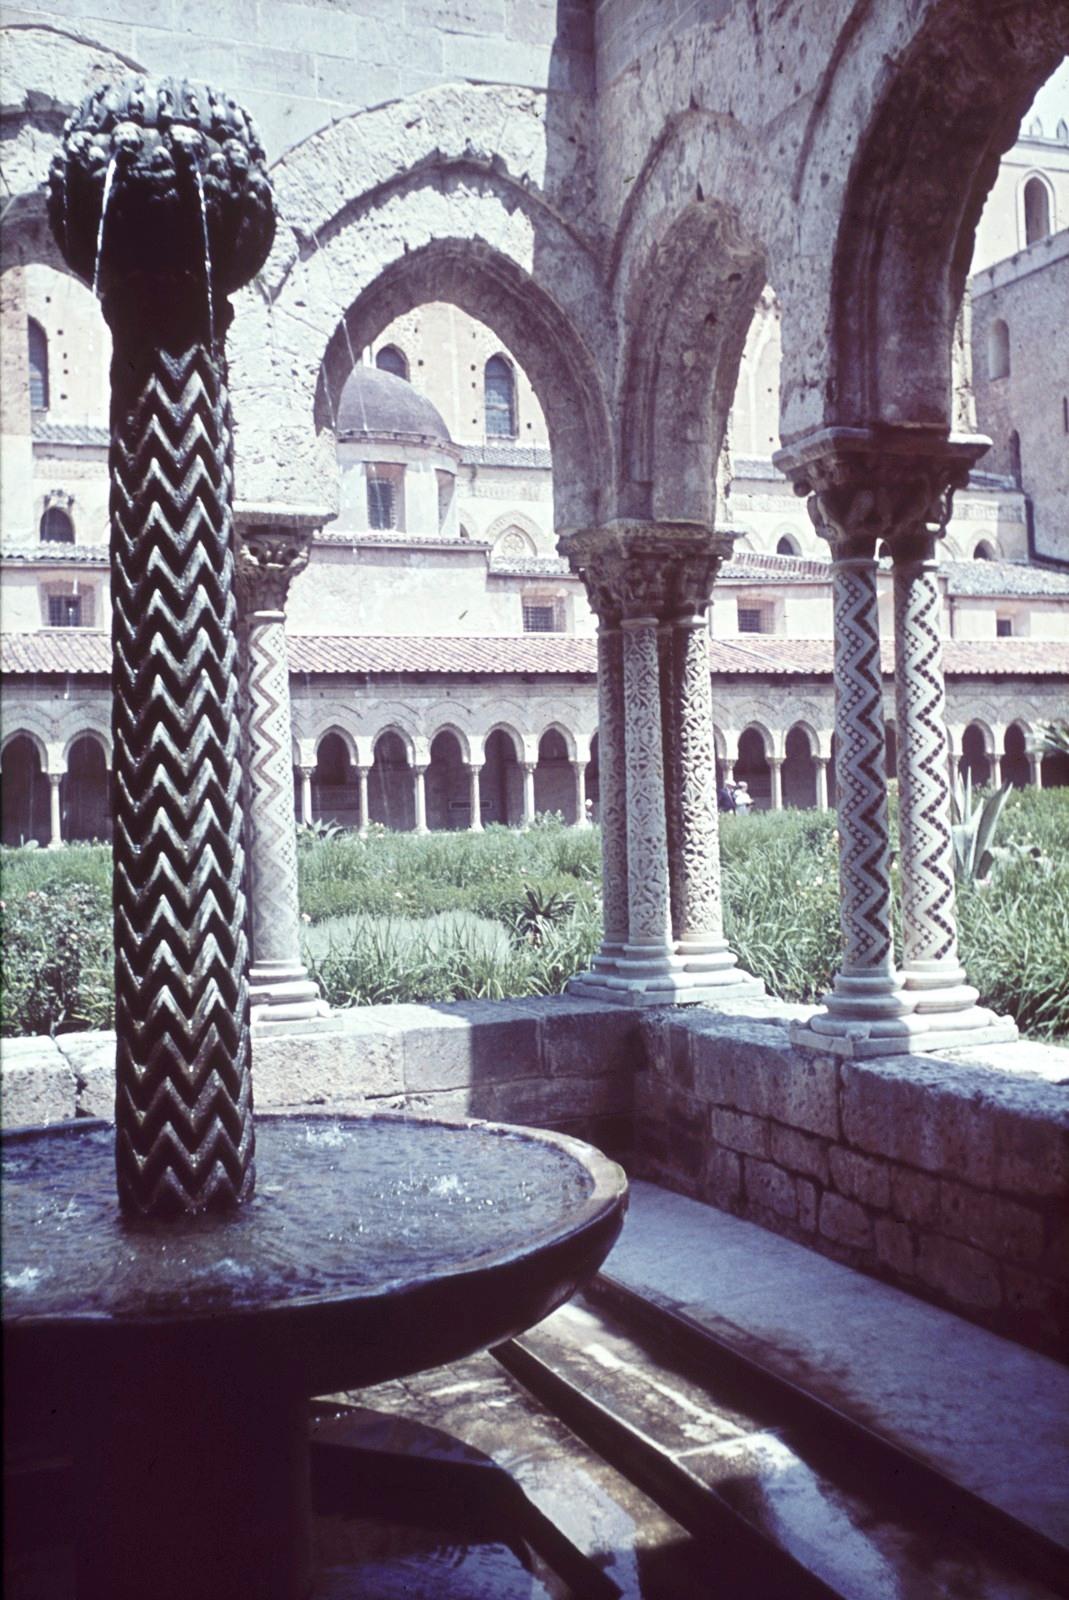 Палермо. Пригород Монреале. Клуатр (внутренний двор) некогда существовавшего бенедиктинского монастыря. Фонтан в юго-западном углу клуатра